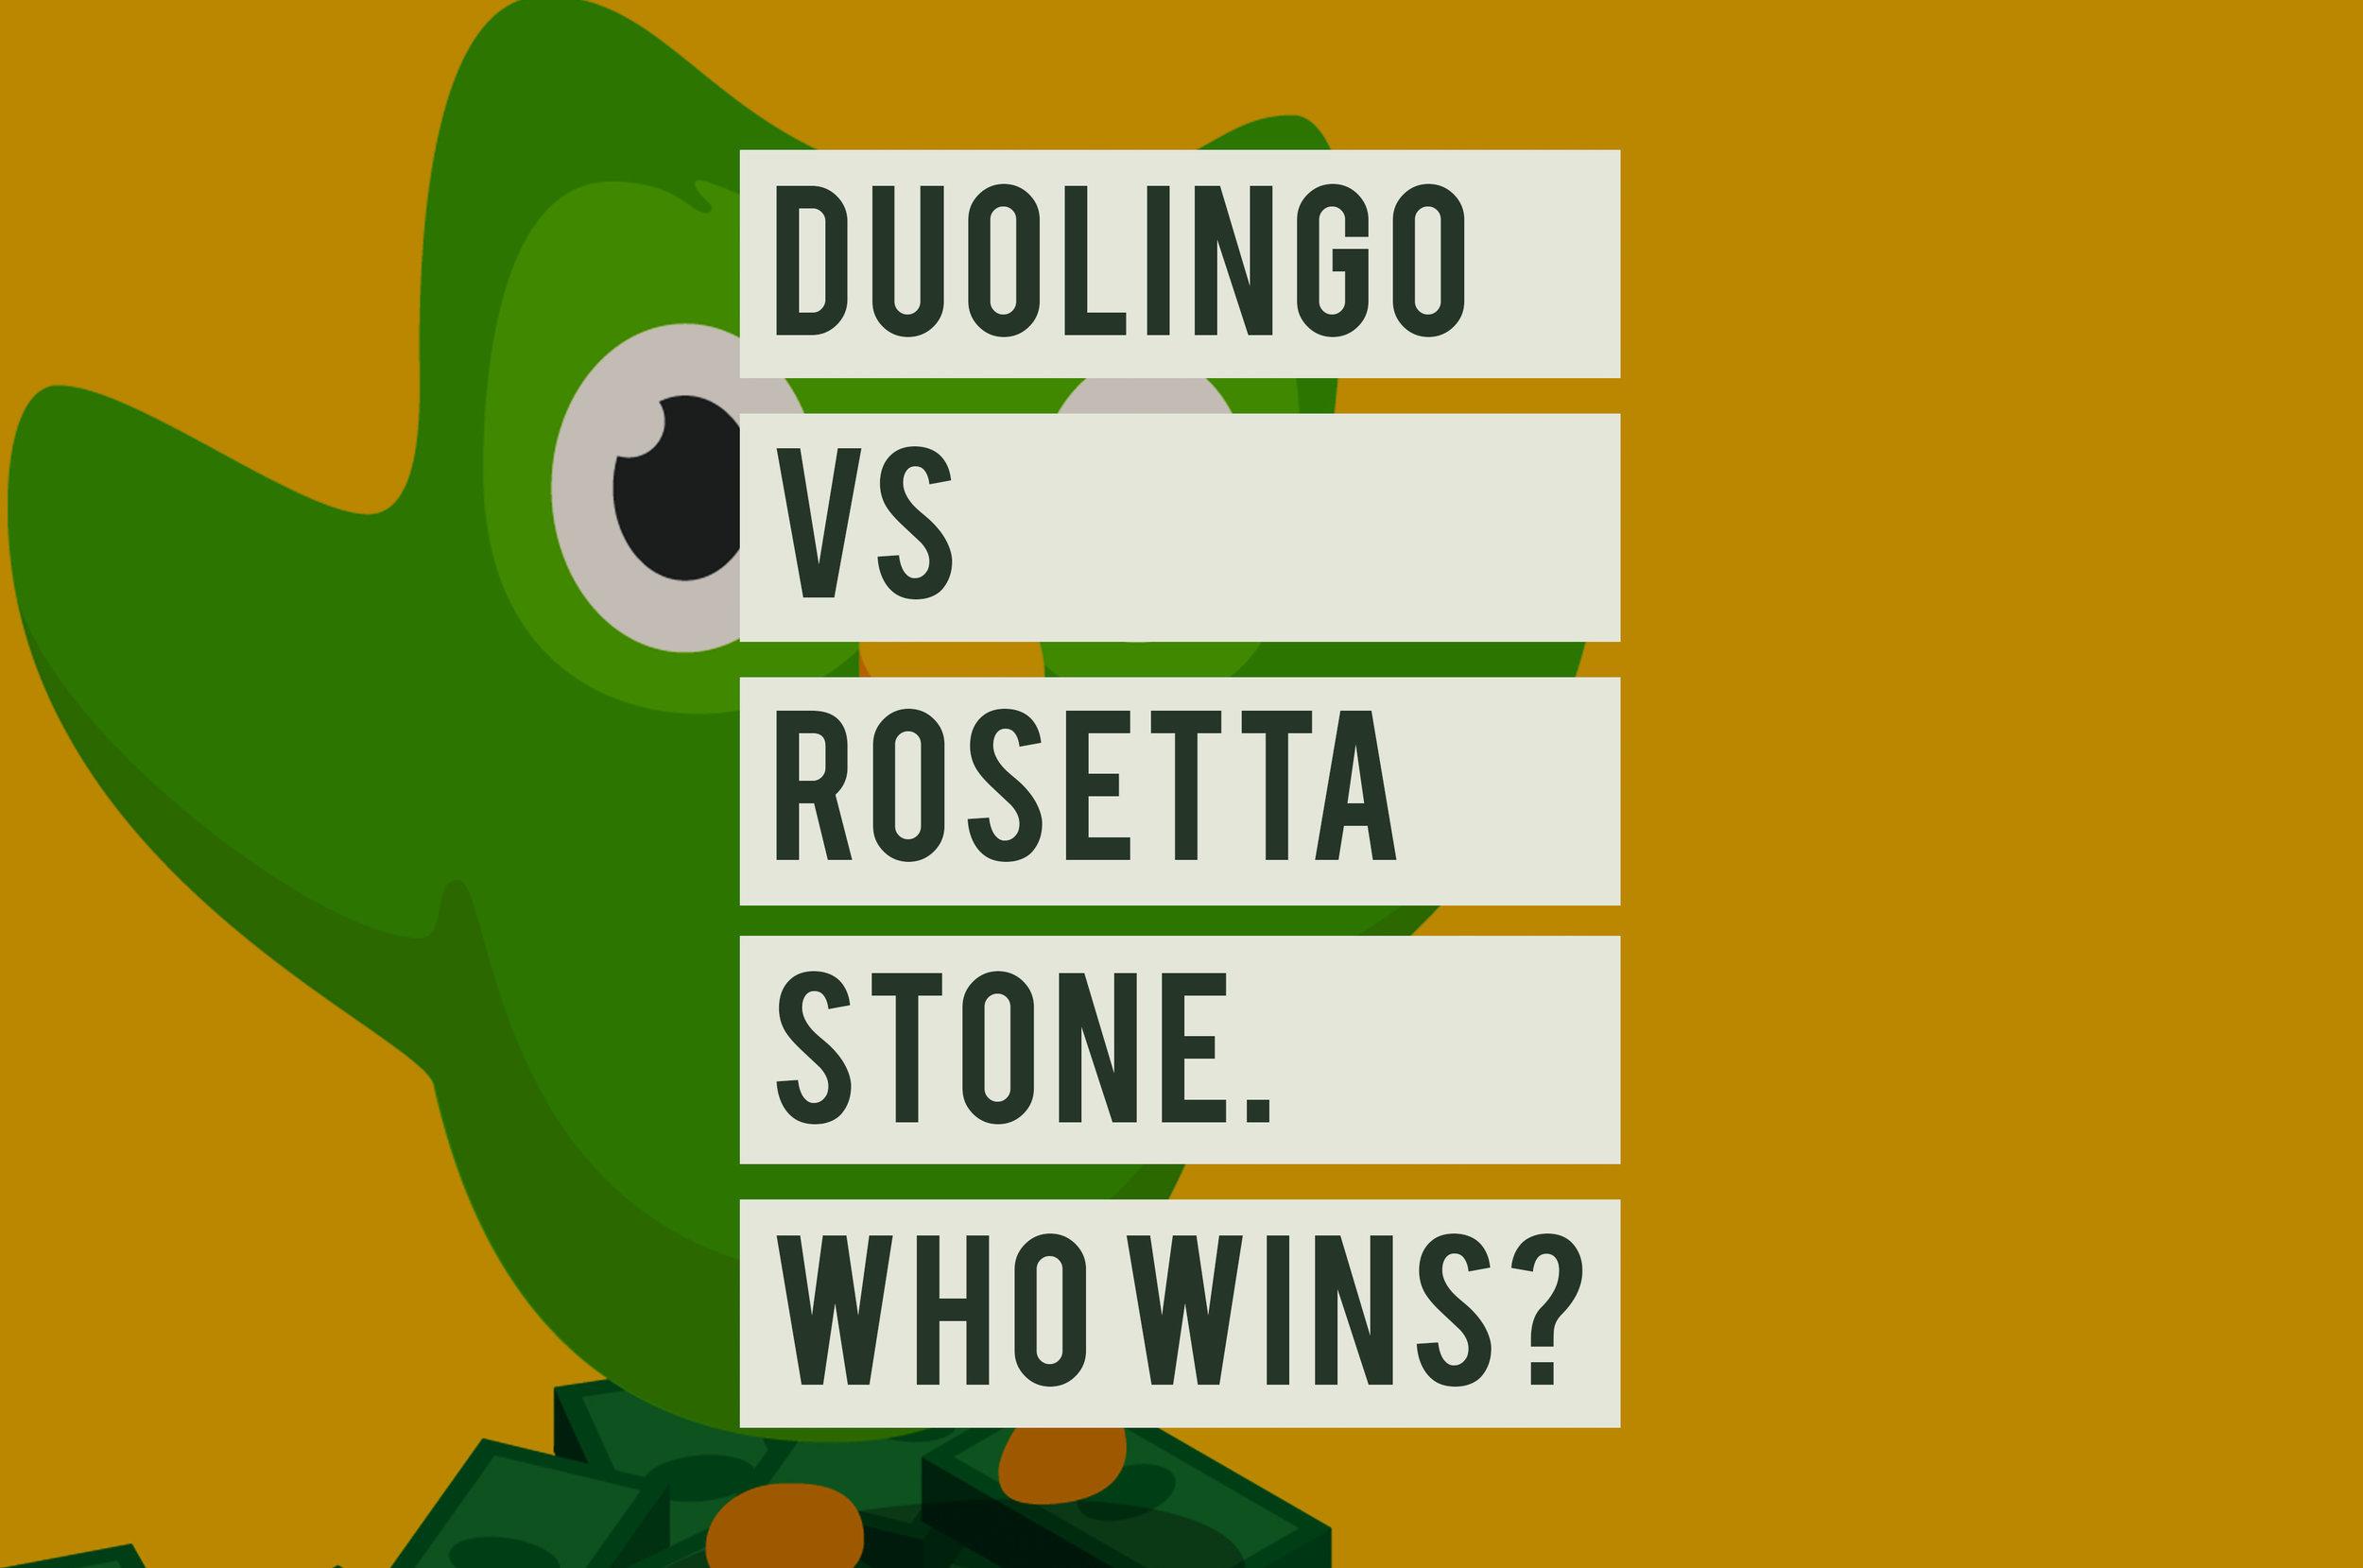 Duolingo vs Rosetta v2.jpg